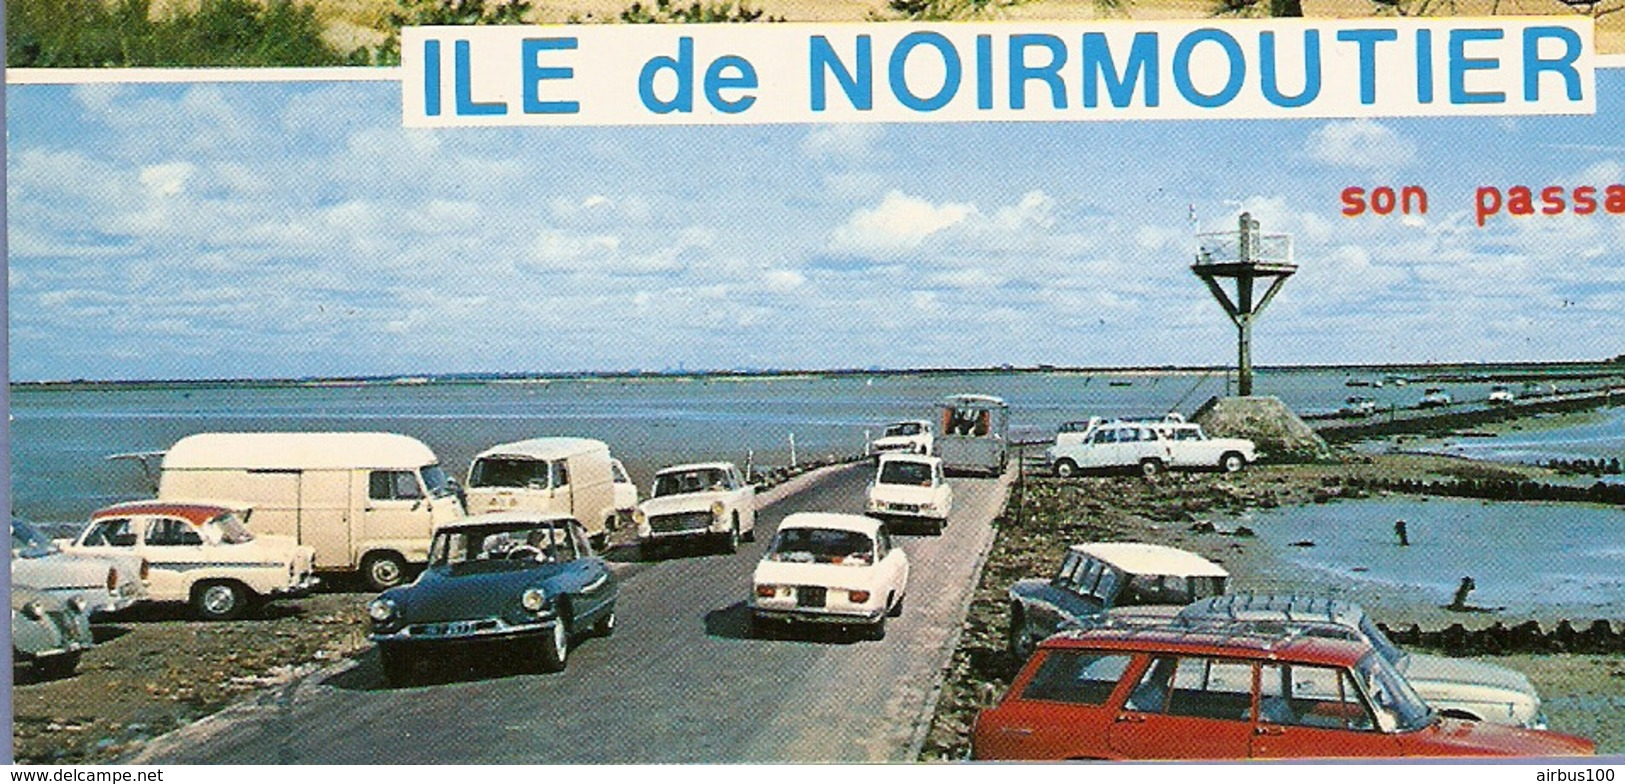 85 - ÎLE De NOIRMOUTIER - Estafette Renault - Citroën DS Ami 6 - Alfa Roméo - Simca P60 - Renault Estafette - Passenger Cars